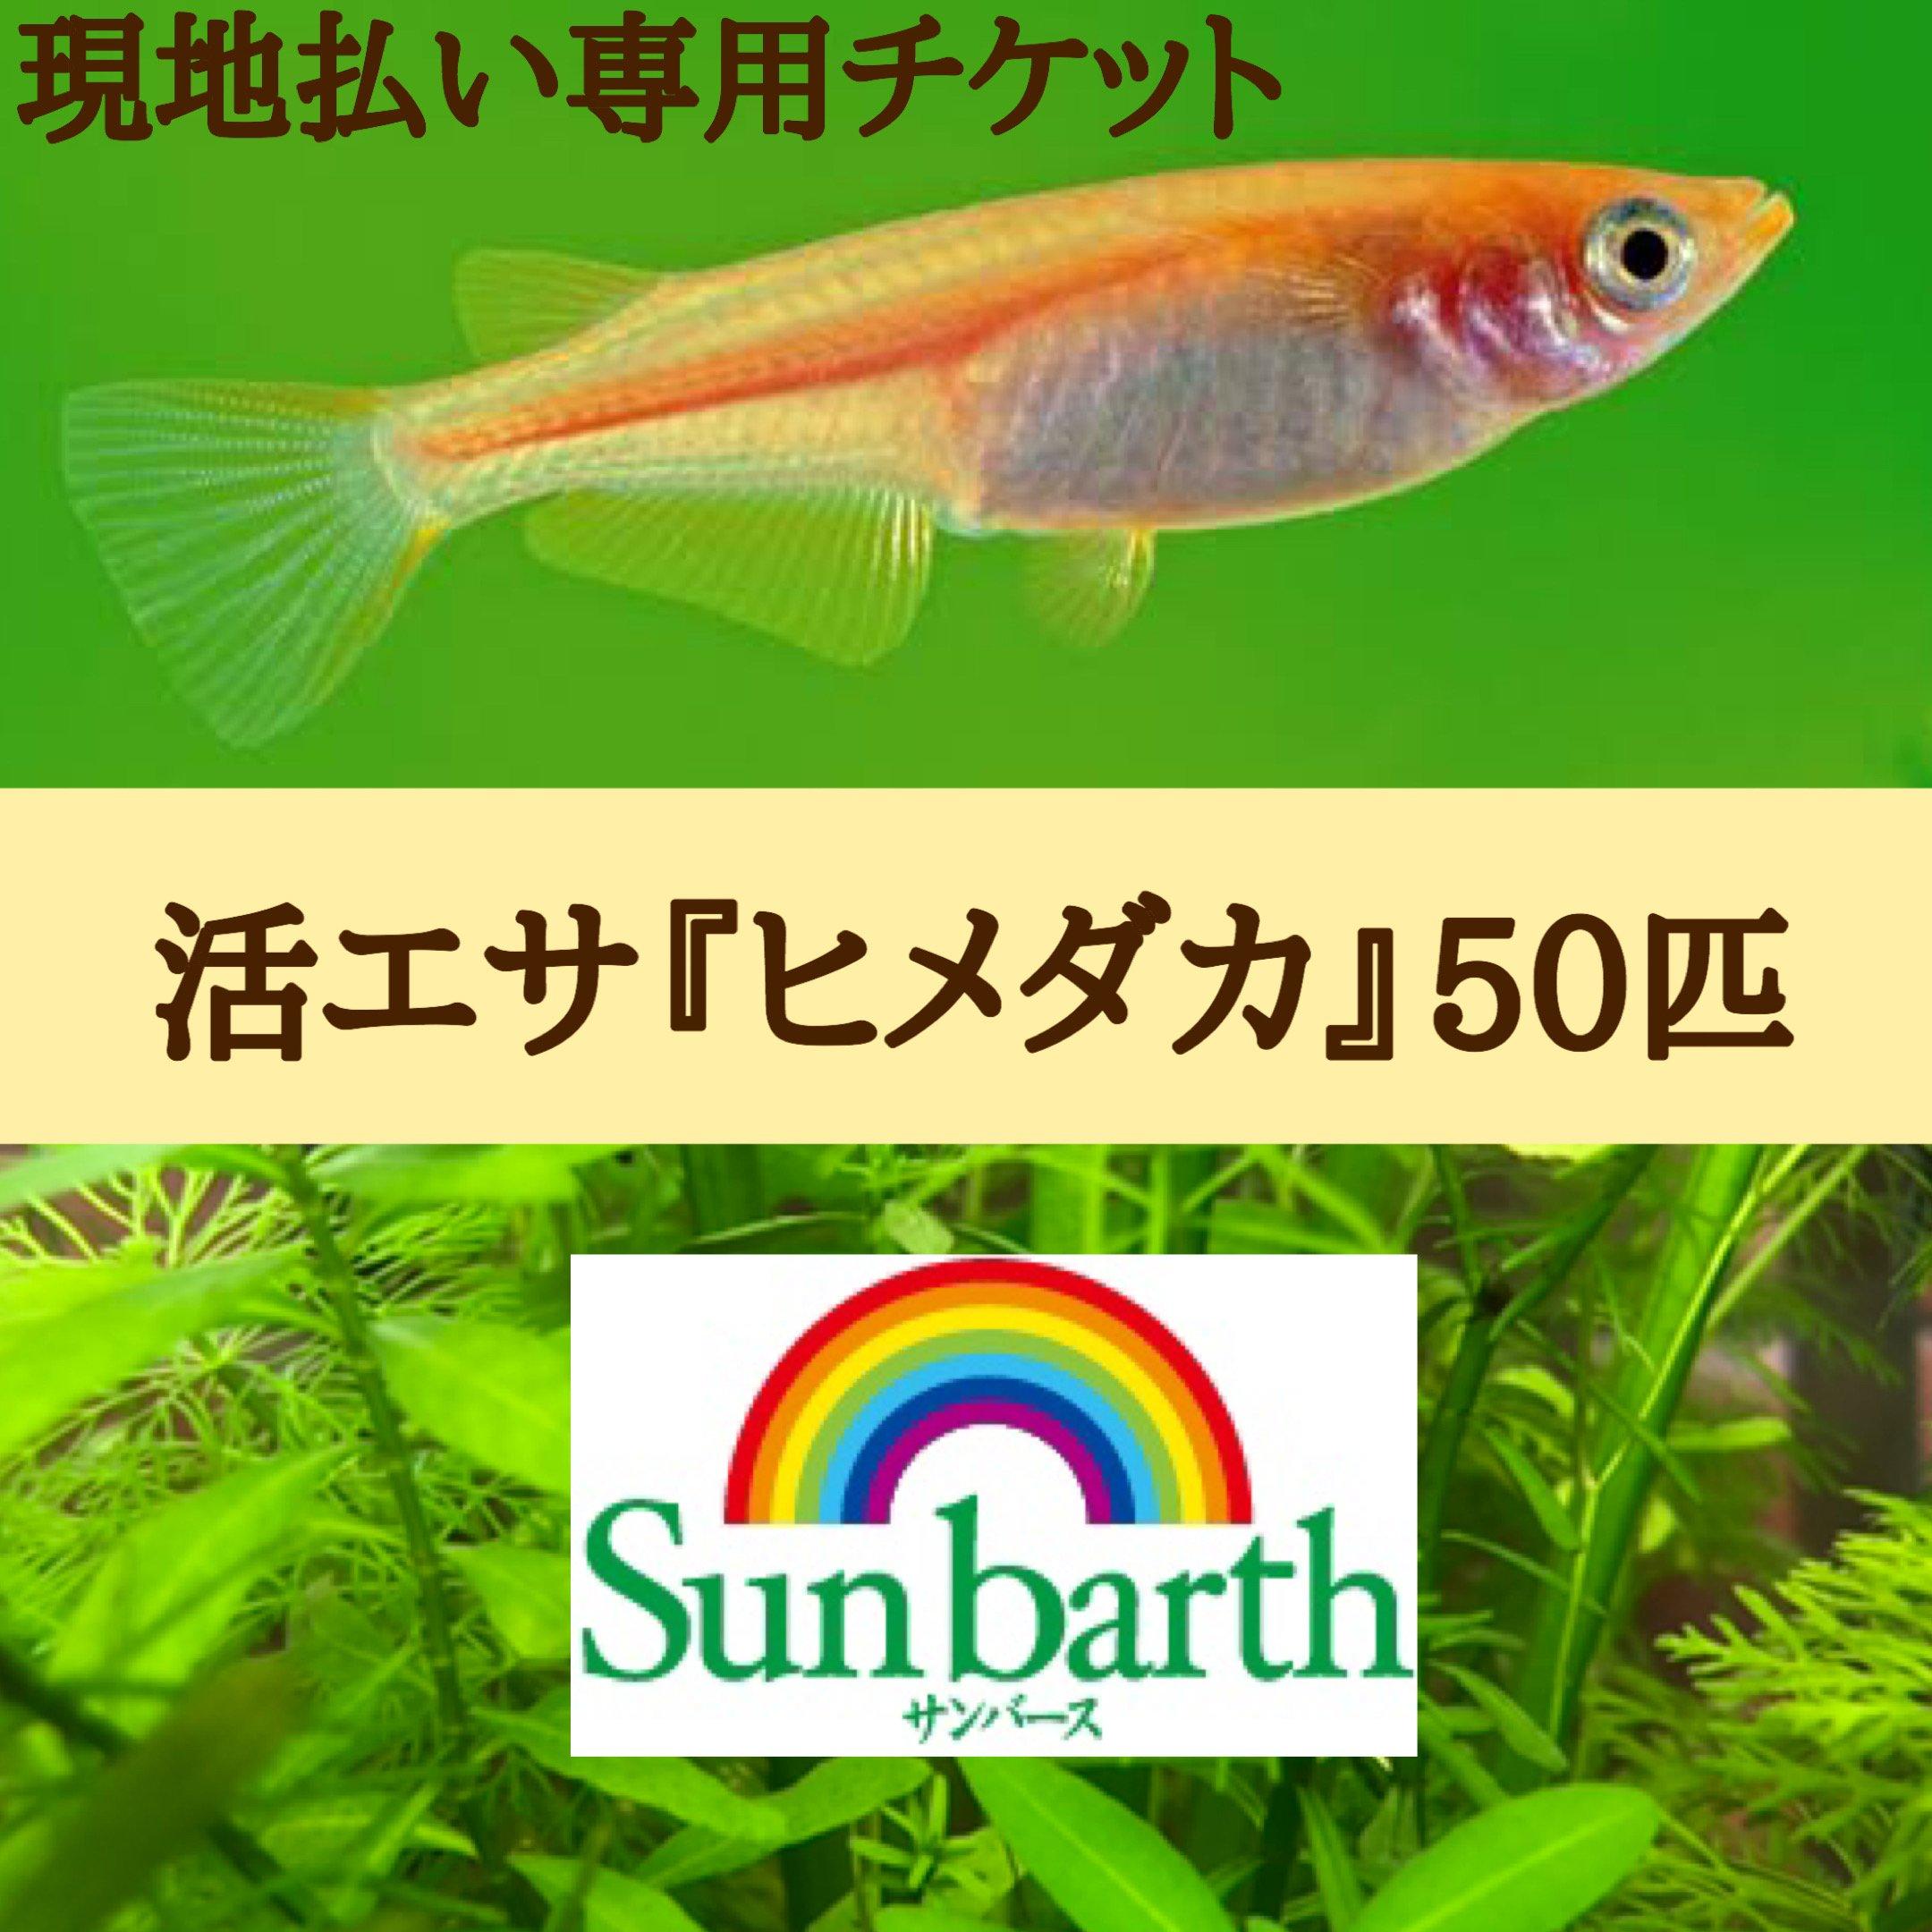 現地払い決算専用◆活エサ/ヒメダカ50匹◆格安!!のイメージその1